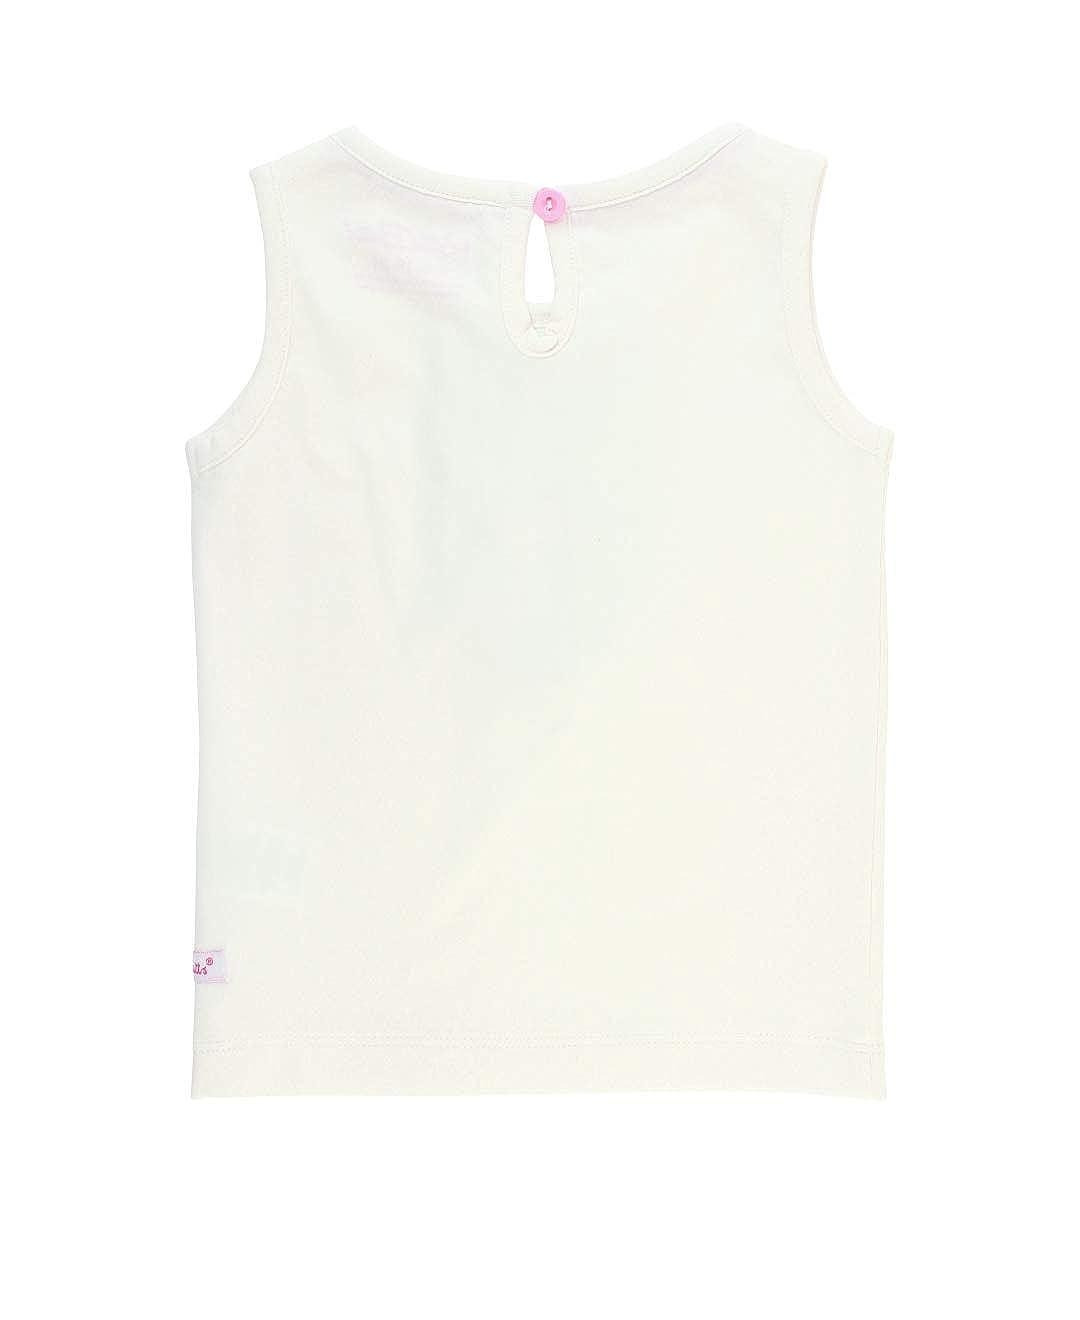 RuffleButts Little Girls Sleeveless Knit Tank Top w//Ruffles